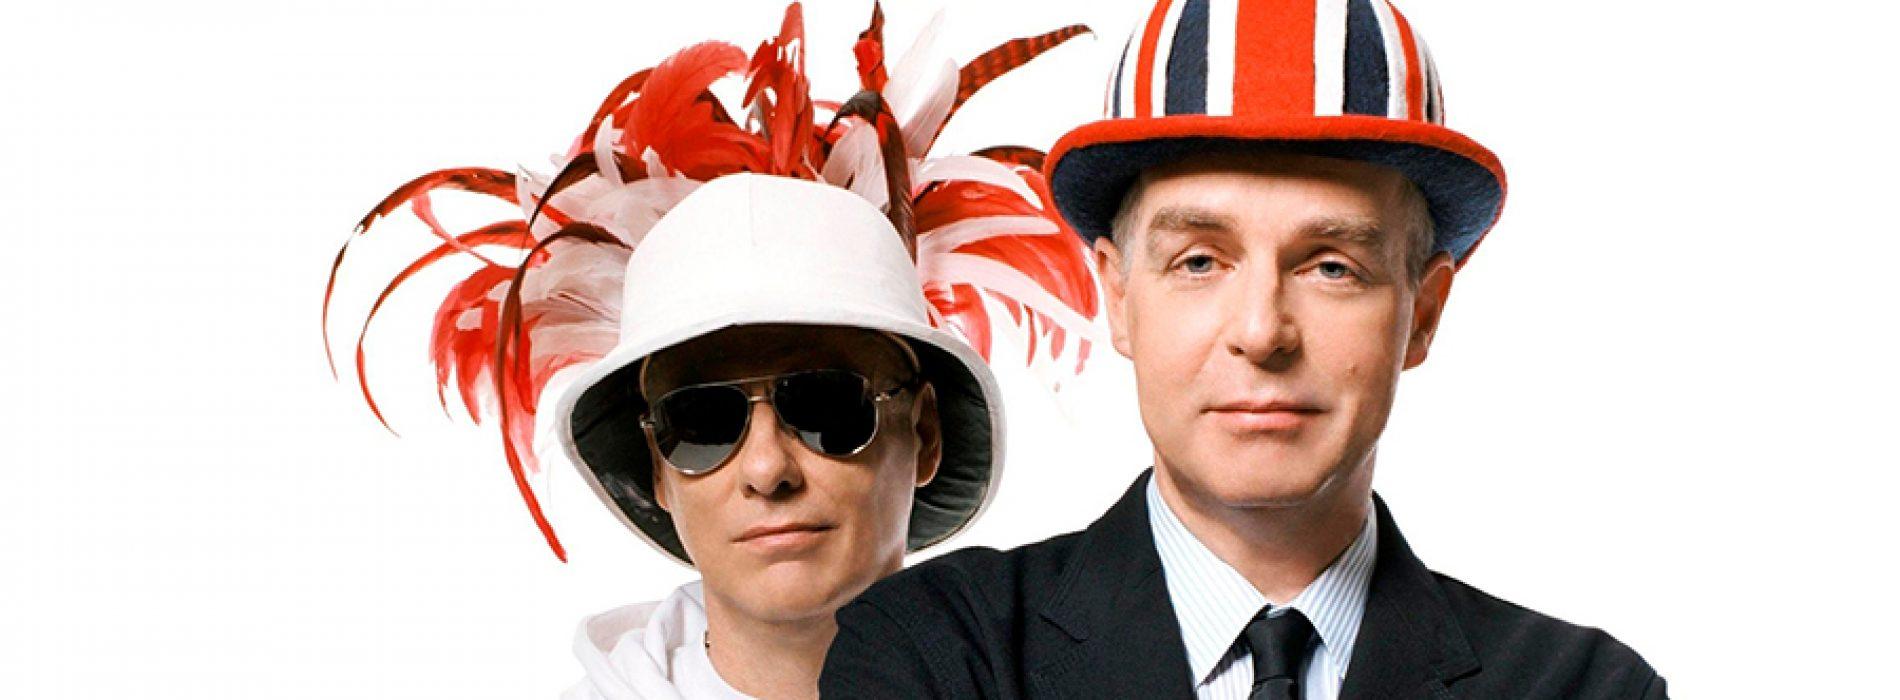 """Apie ką kalbėjosi """"Pet Shop Boys"""" ir Tina Turner?"""